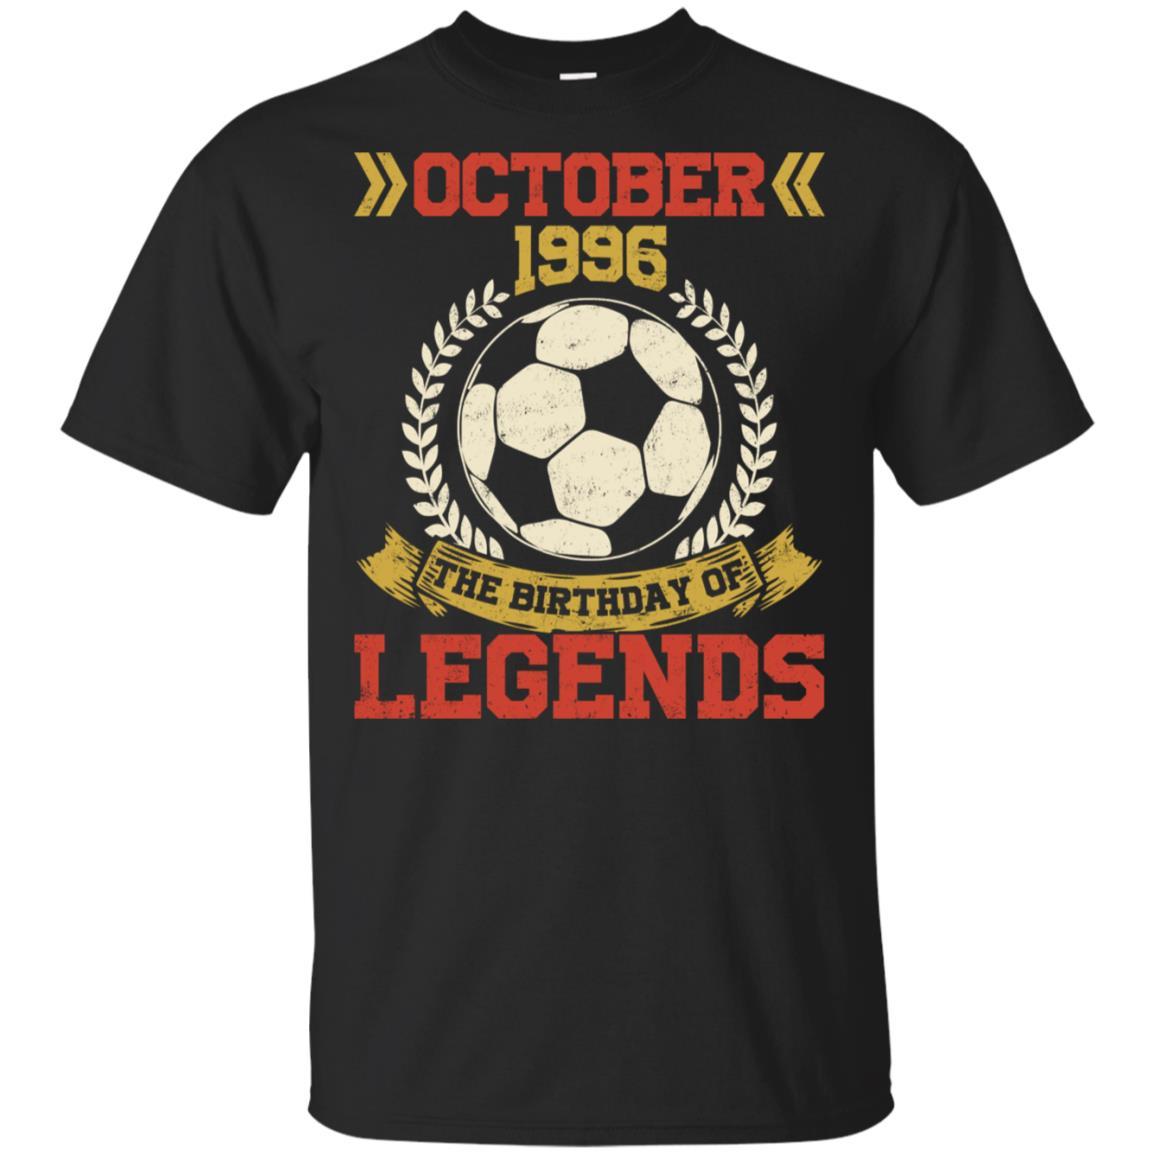 1996 October 22nd Birthday Of Football Soccer Legend Unisex Short Sleeve